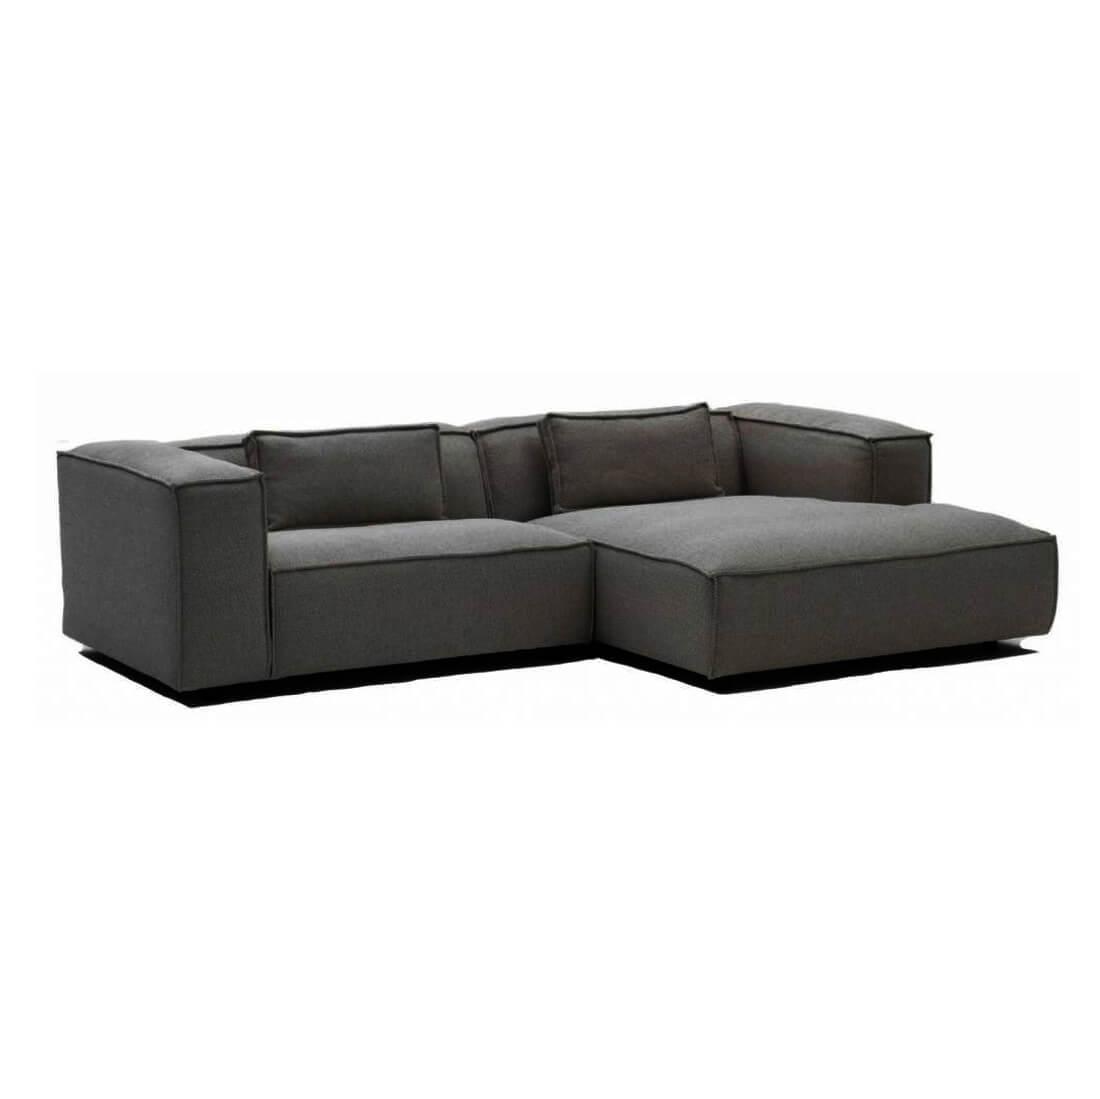 – Couch Sitzer TraumsofaFest Amsterdam Divian2 Dein Dunbar kPiZOXu